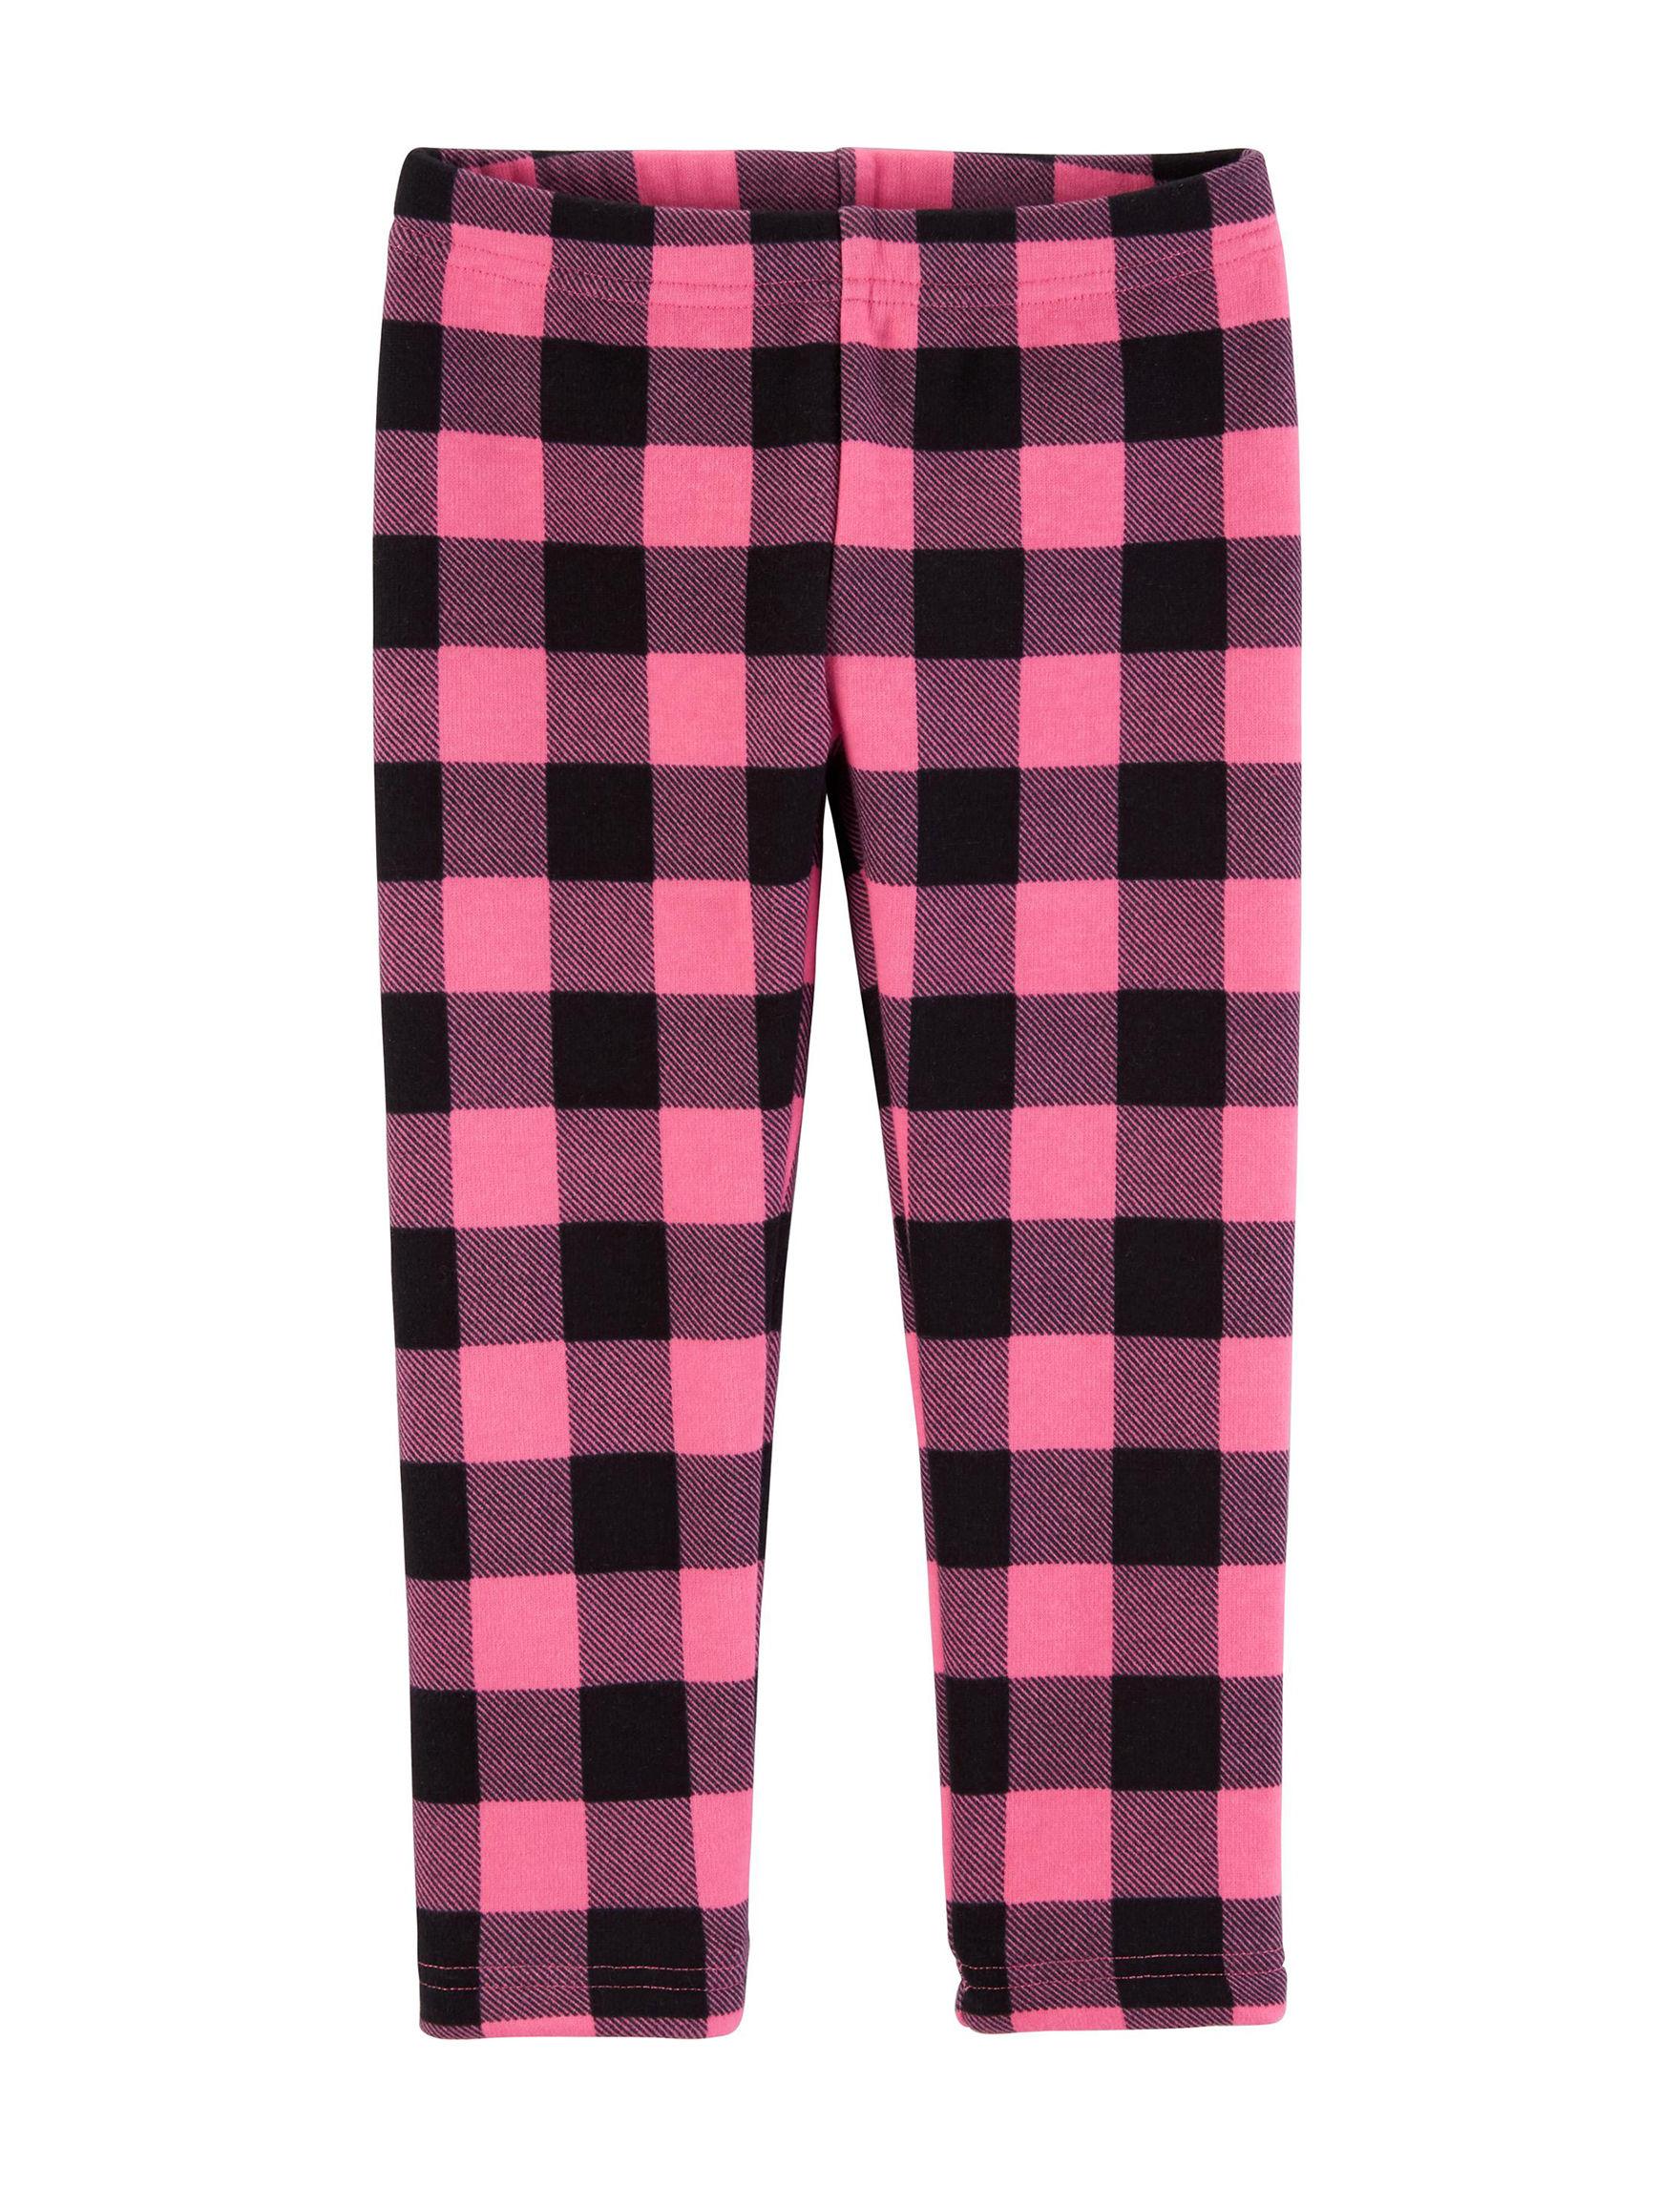 Carter's Pink Plaid Leggings